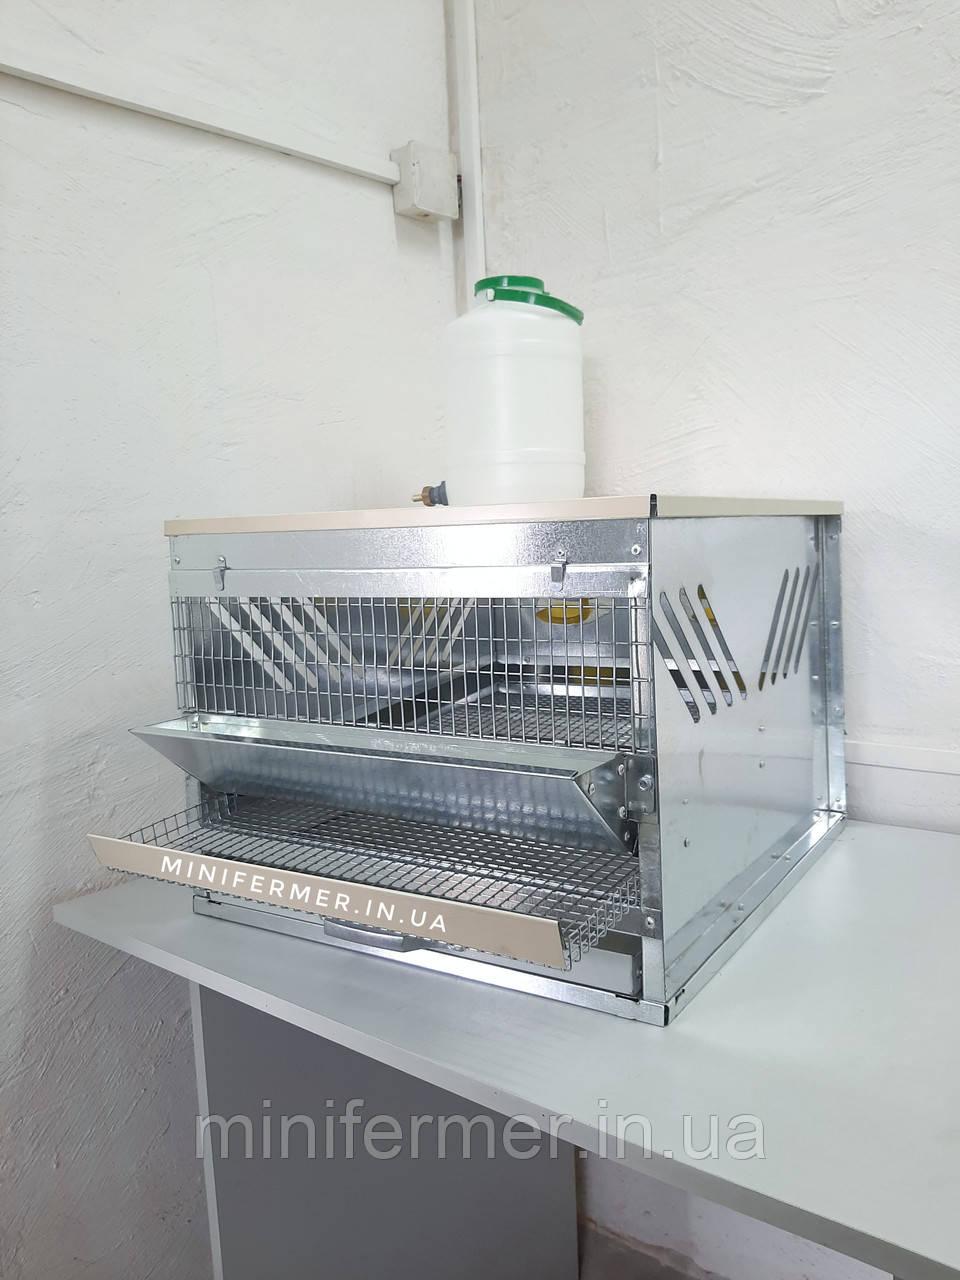 Клетка для перепелов ( Мини 15-20 шт)